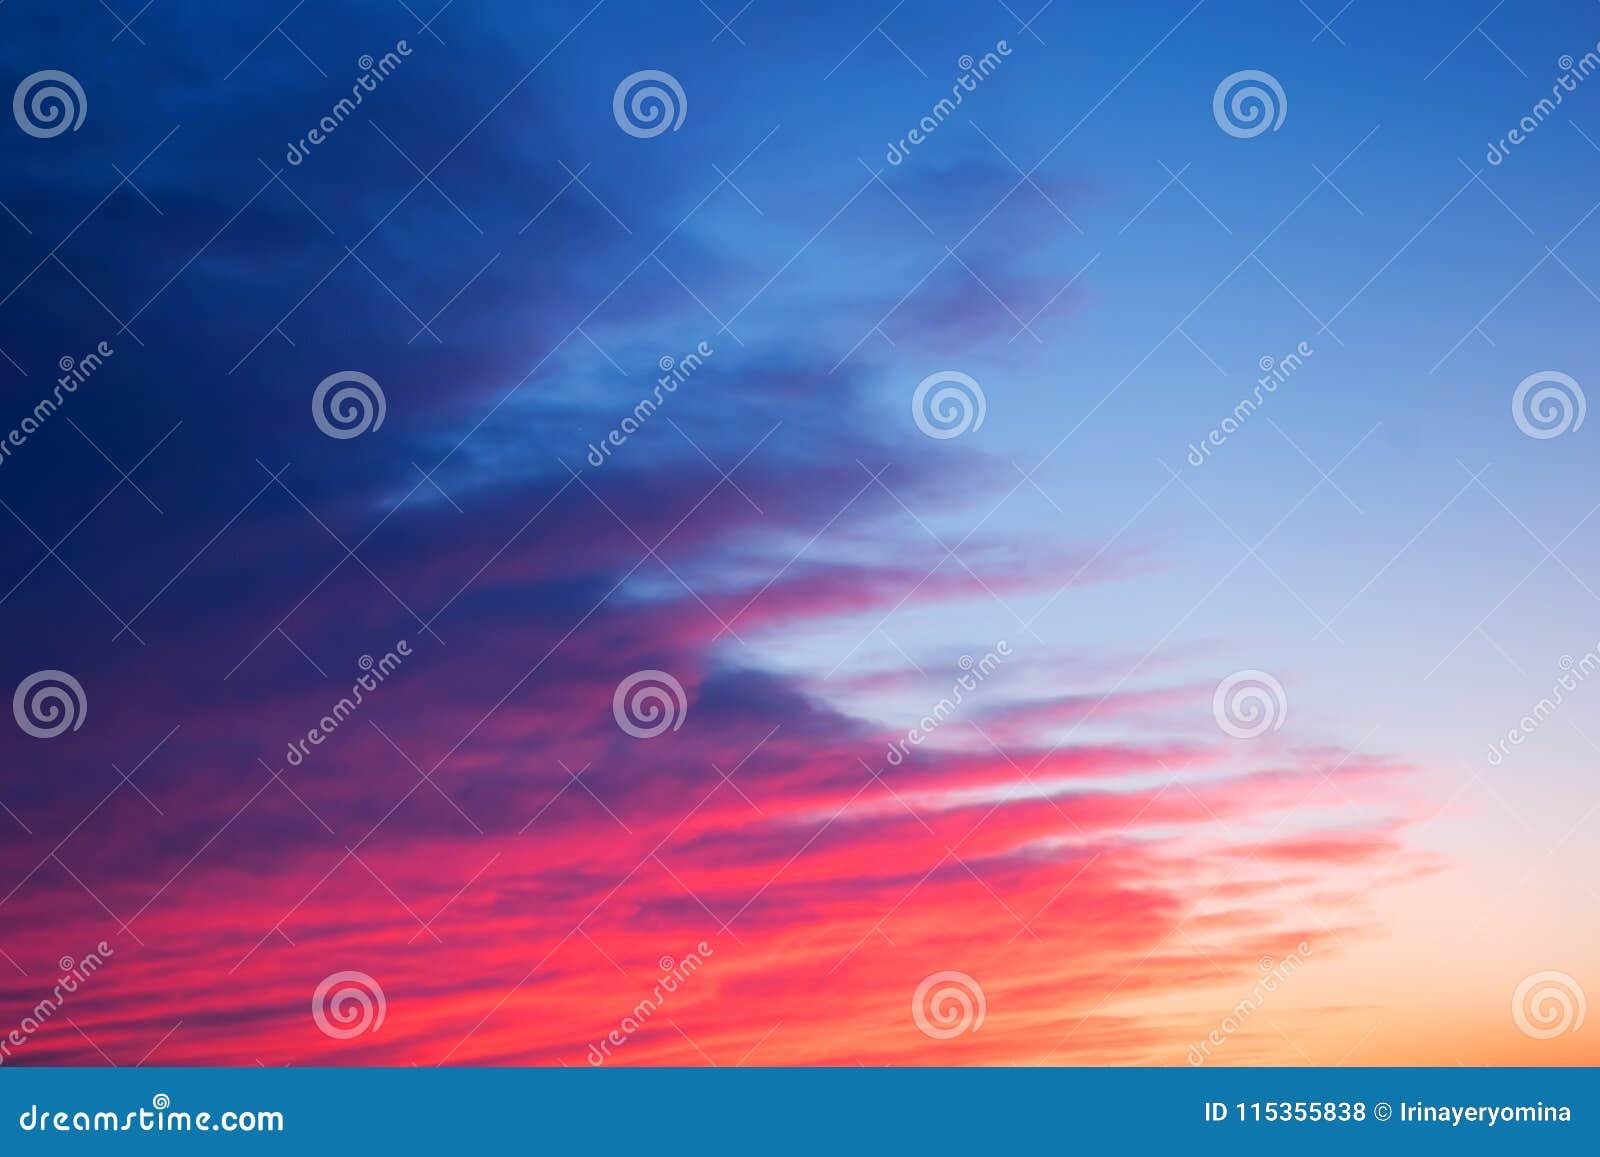 Заход солнца красного цвета, розовых и голубых яркий с красивыми раскосными облаками